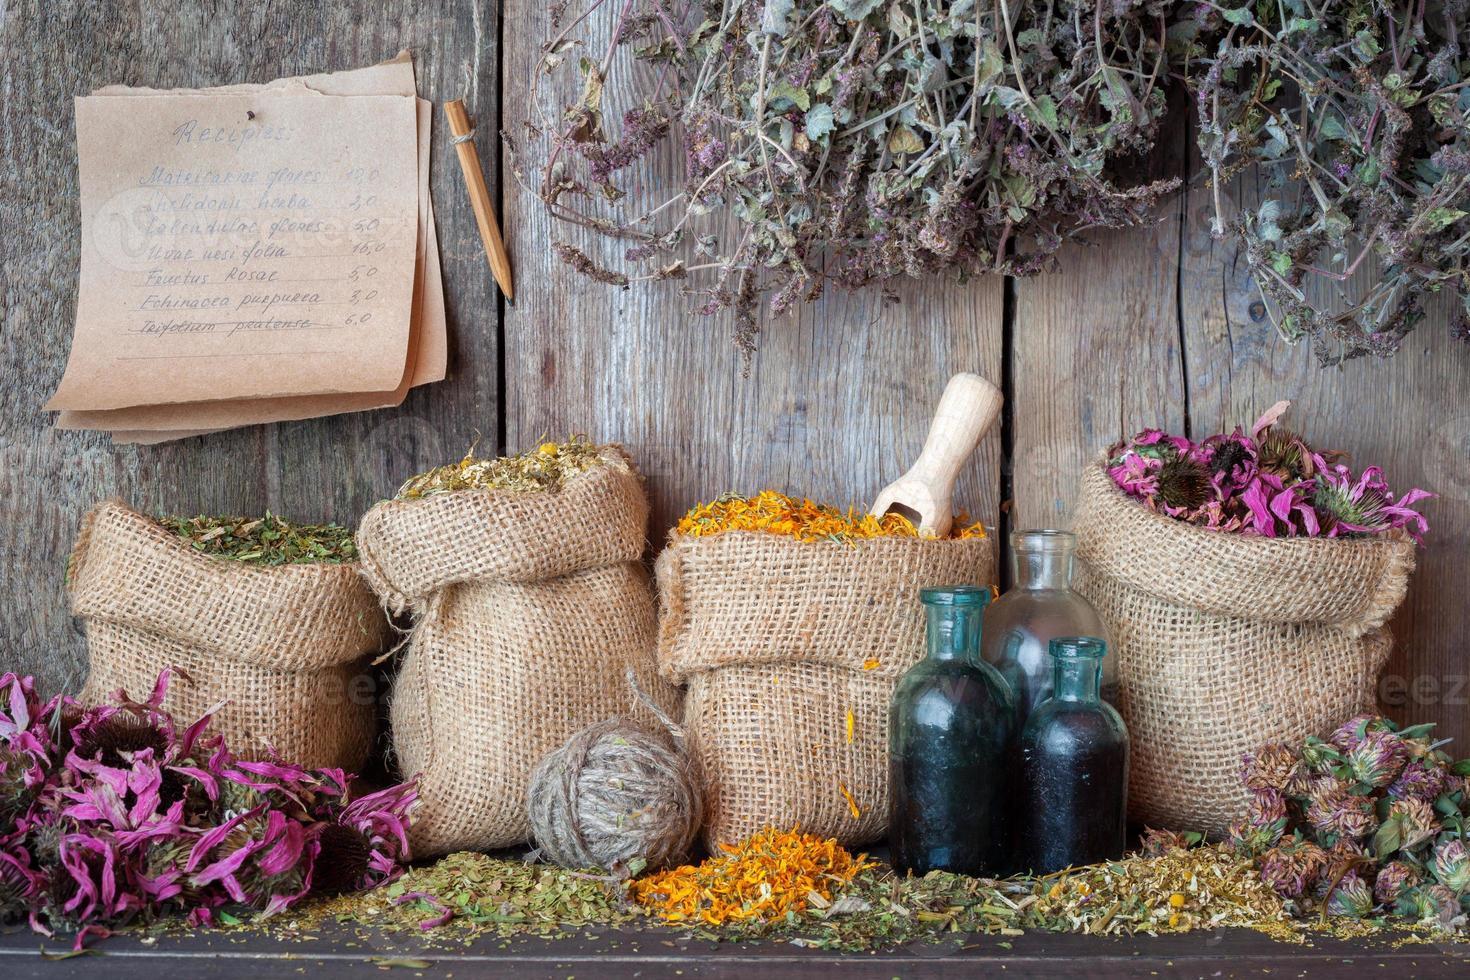 herbes médicinales dans des sacs en toile de jute près d'un mur en bois. photo